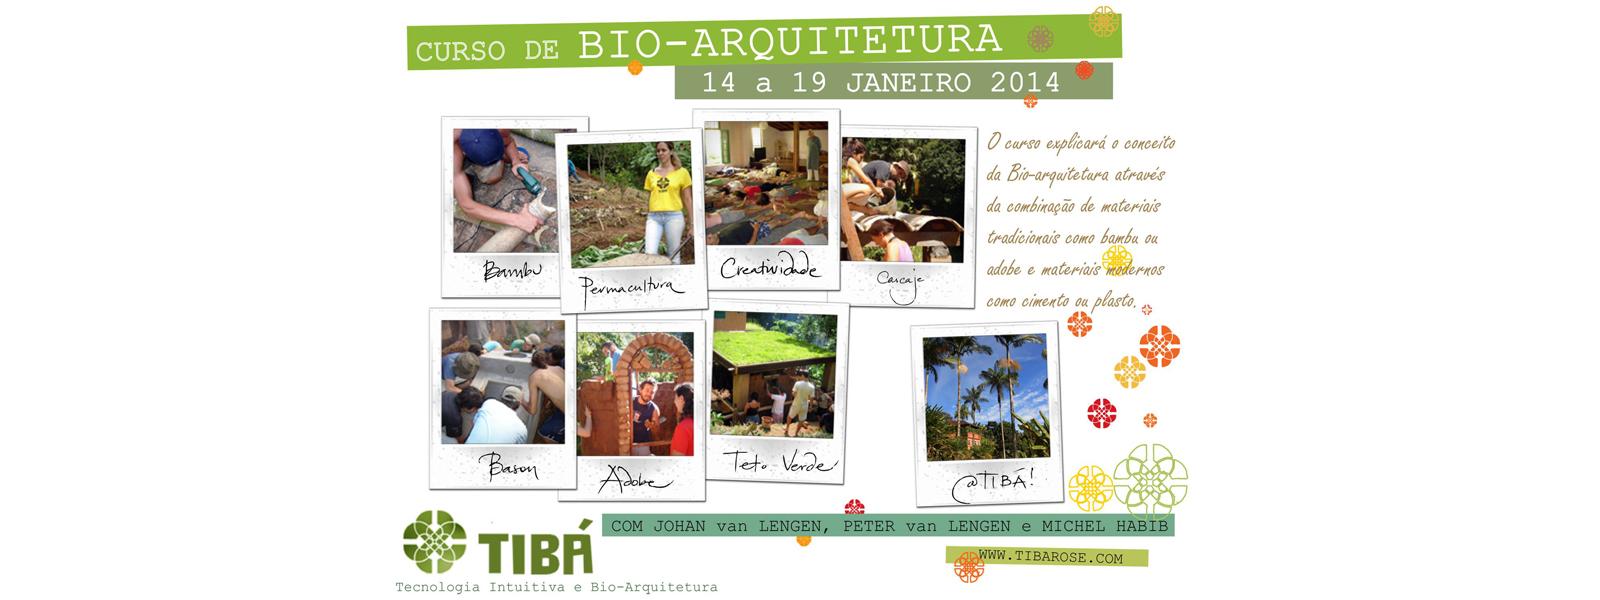 Curso de Bioarquitetura no Tibá janeiro 2014